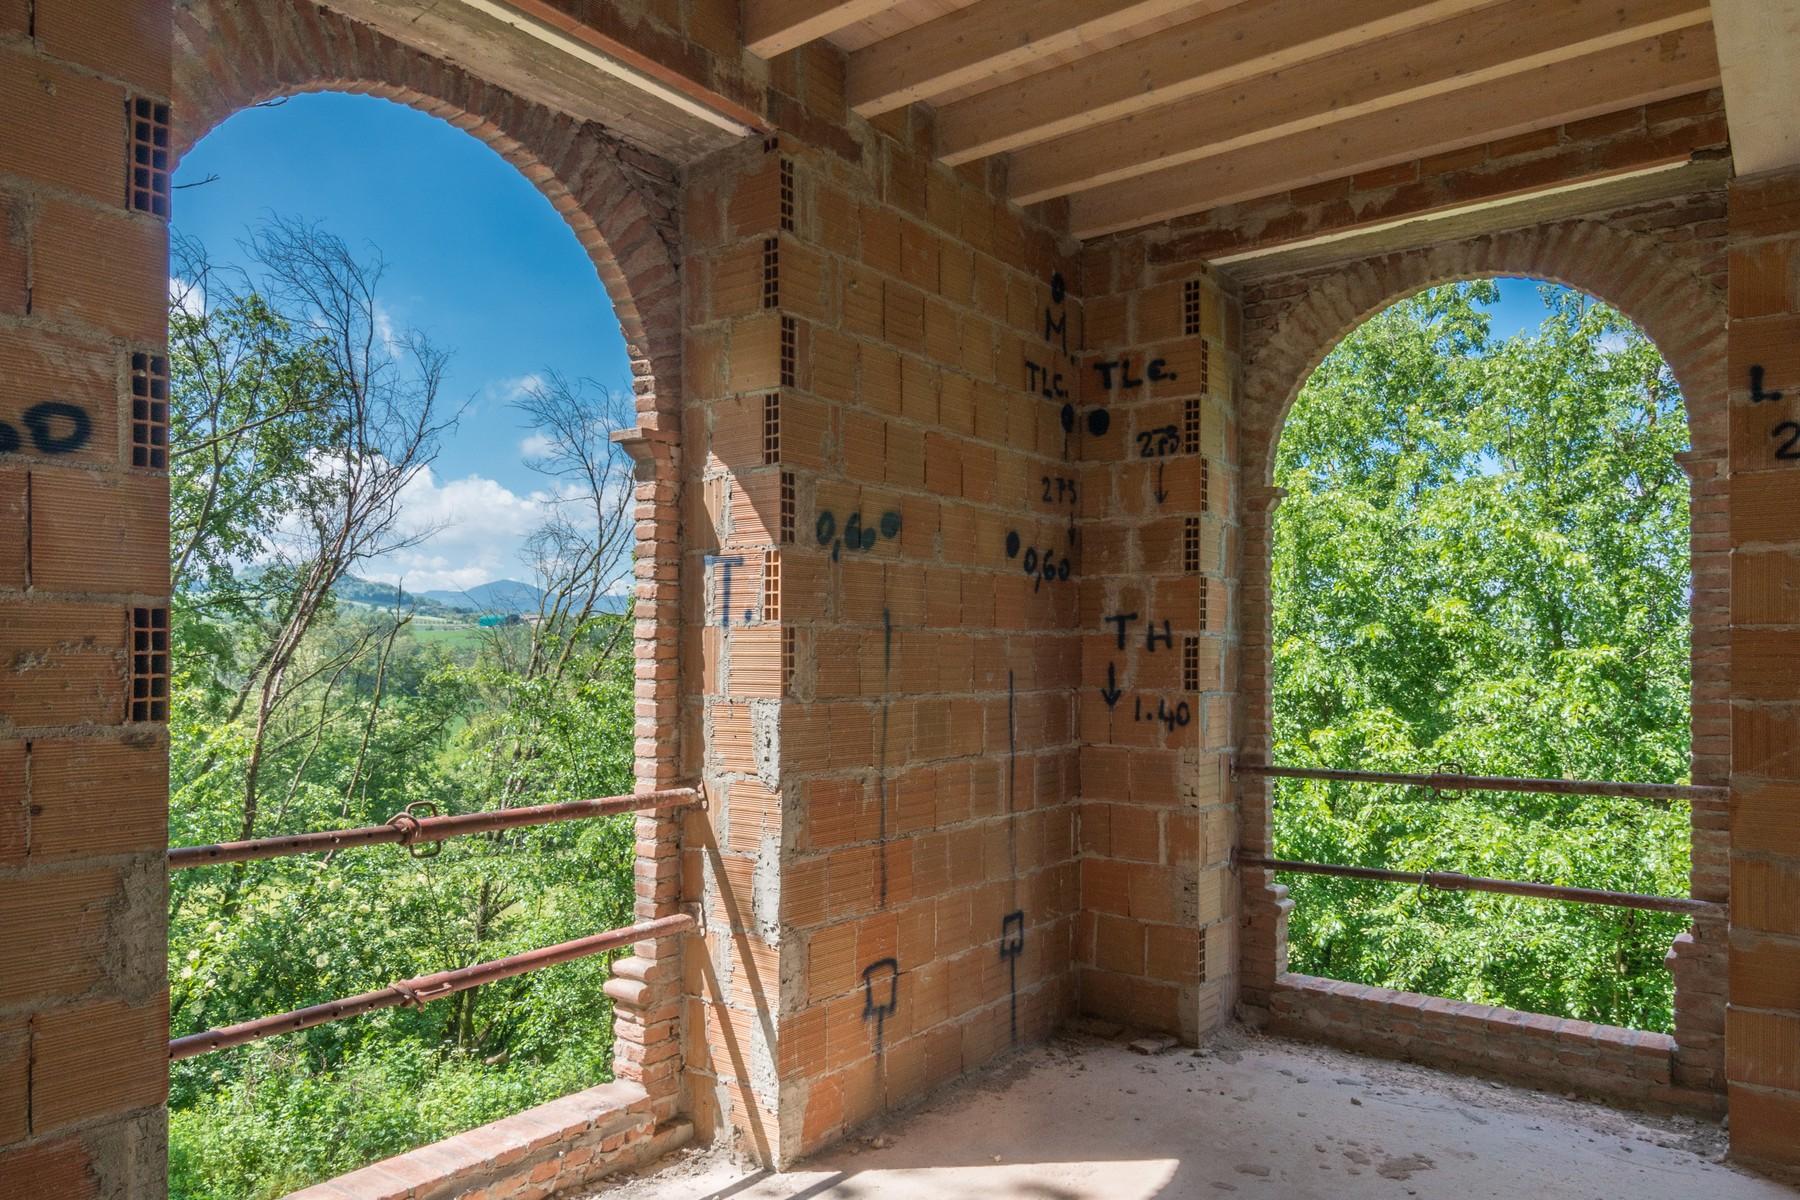 Casa indipendente in Vendita a Piacenza: 5 locali, 800 mq - Foto 8